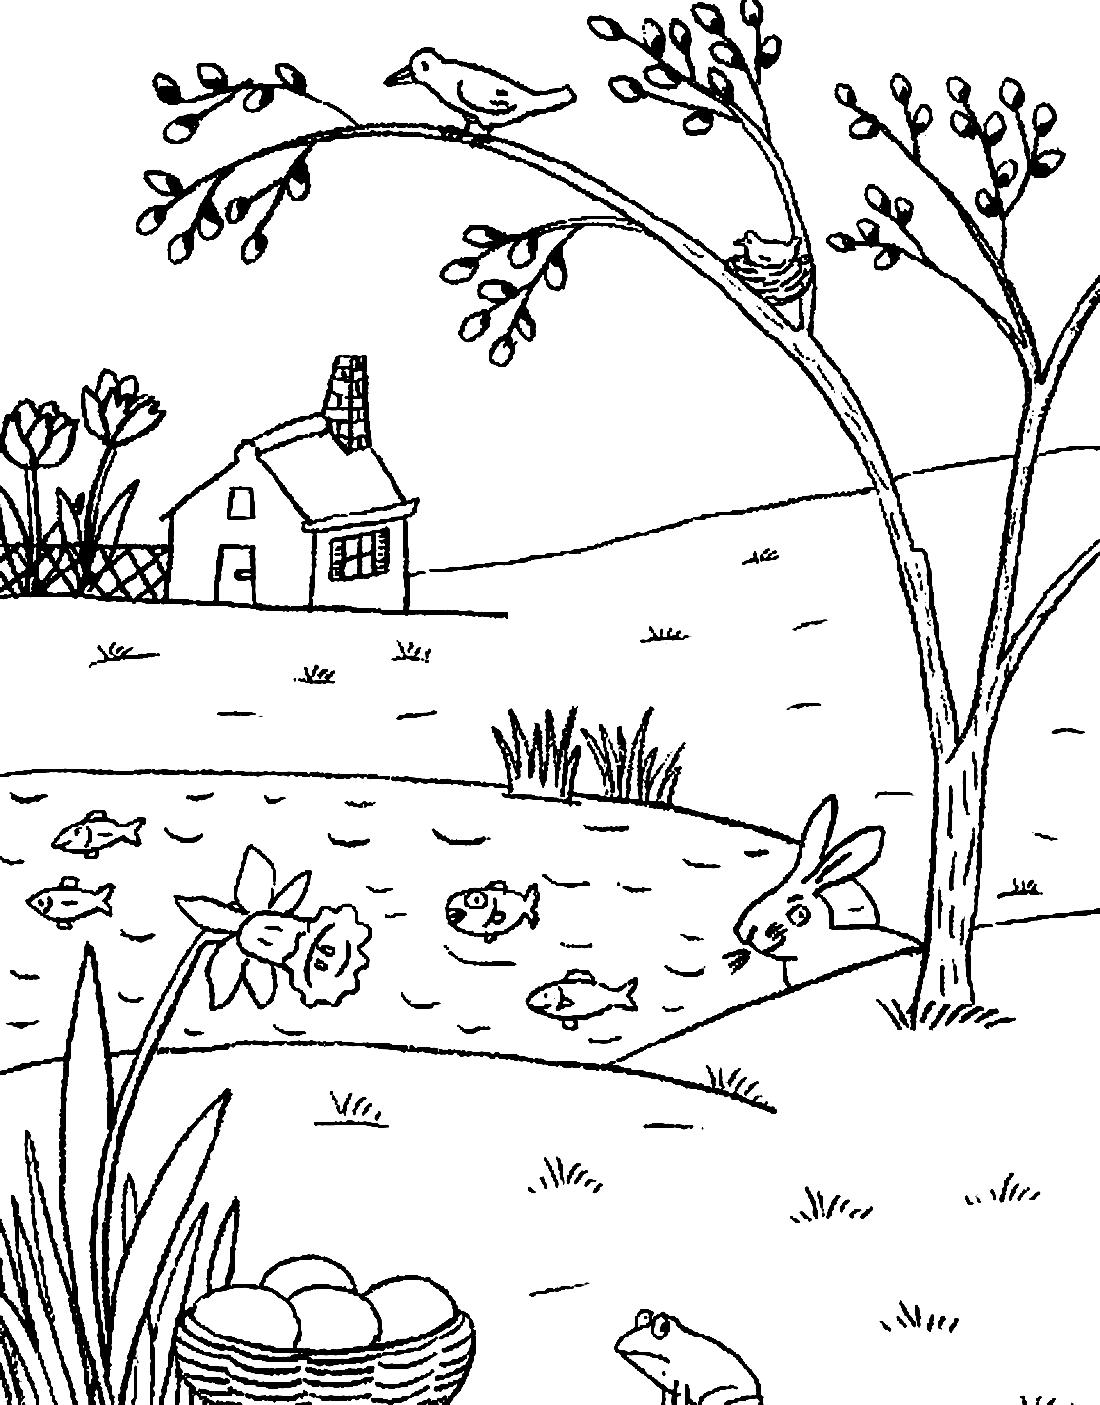 догнал весенние картинки раскраски для малышей ядовитые грибы средней